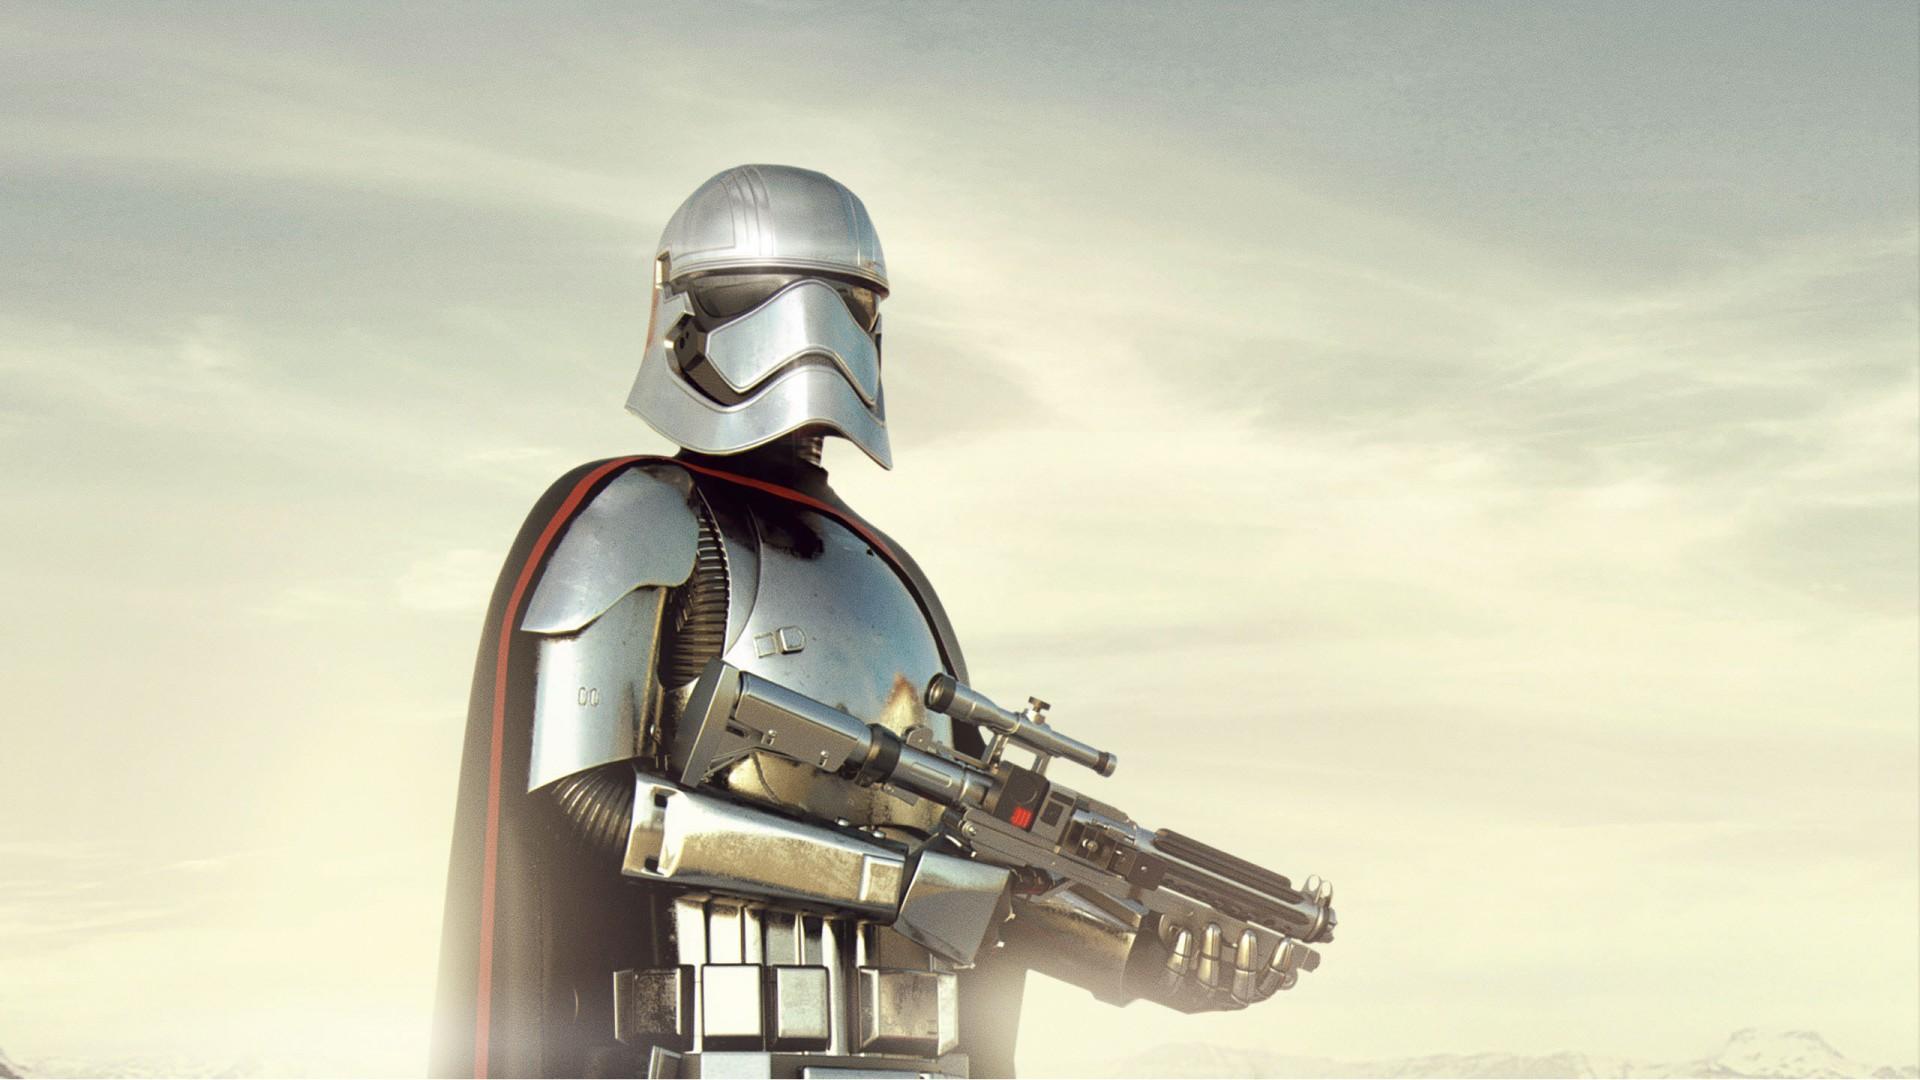 Star War Wallpaper Iphone X Stormtrooper Star Wars Hd Wallpapers Hd Wallpapers Id